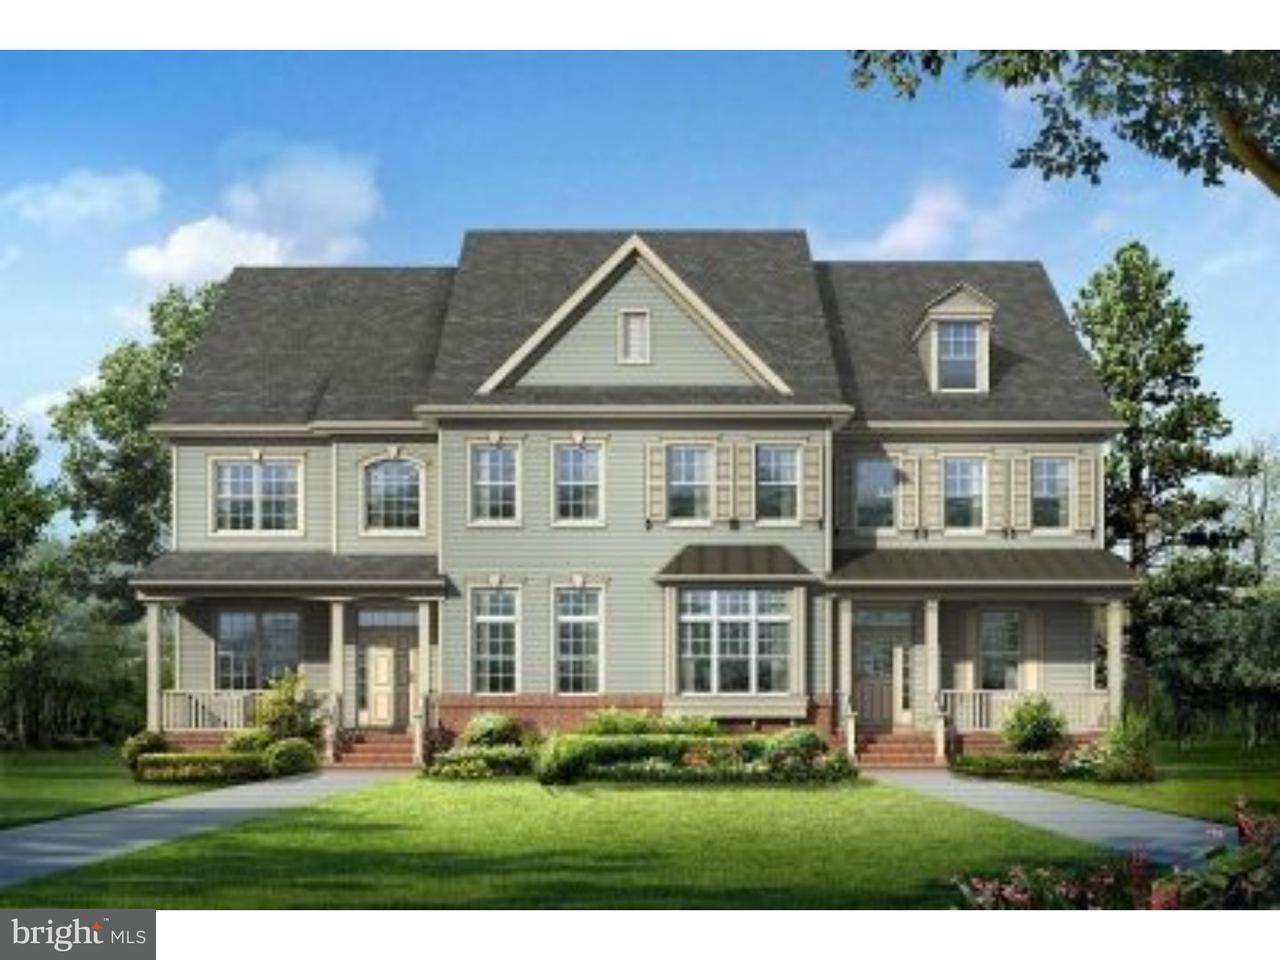 联栋屋 为 销售 在 133 SPRING OAK DR #000ASH 马尔文, 宾夕法尼亚州 19355 美国